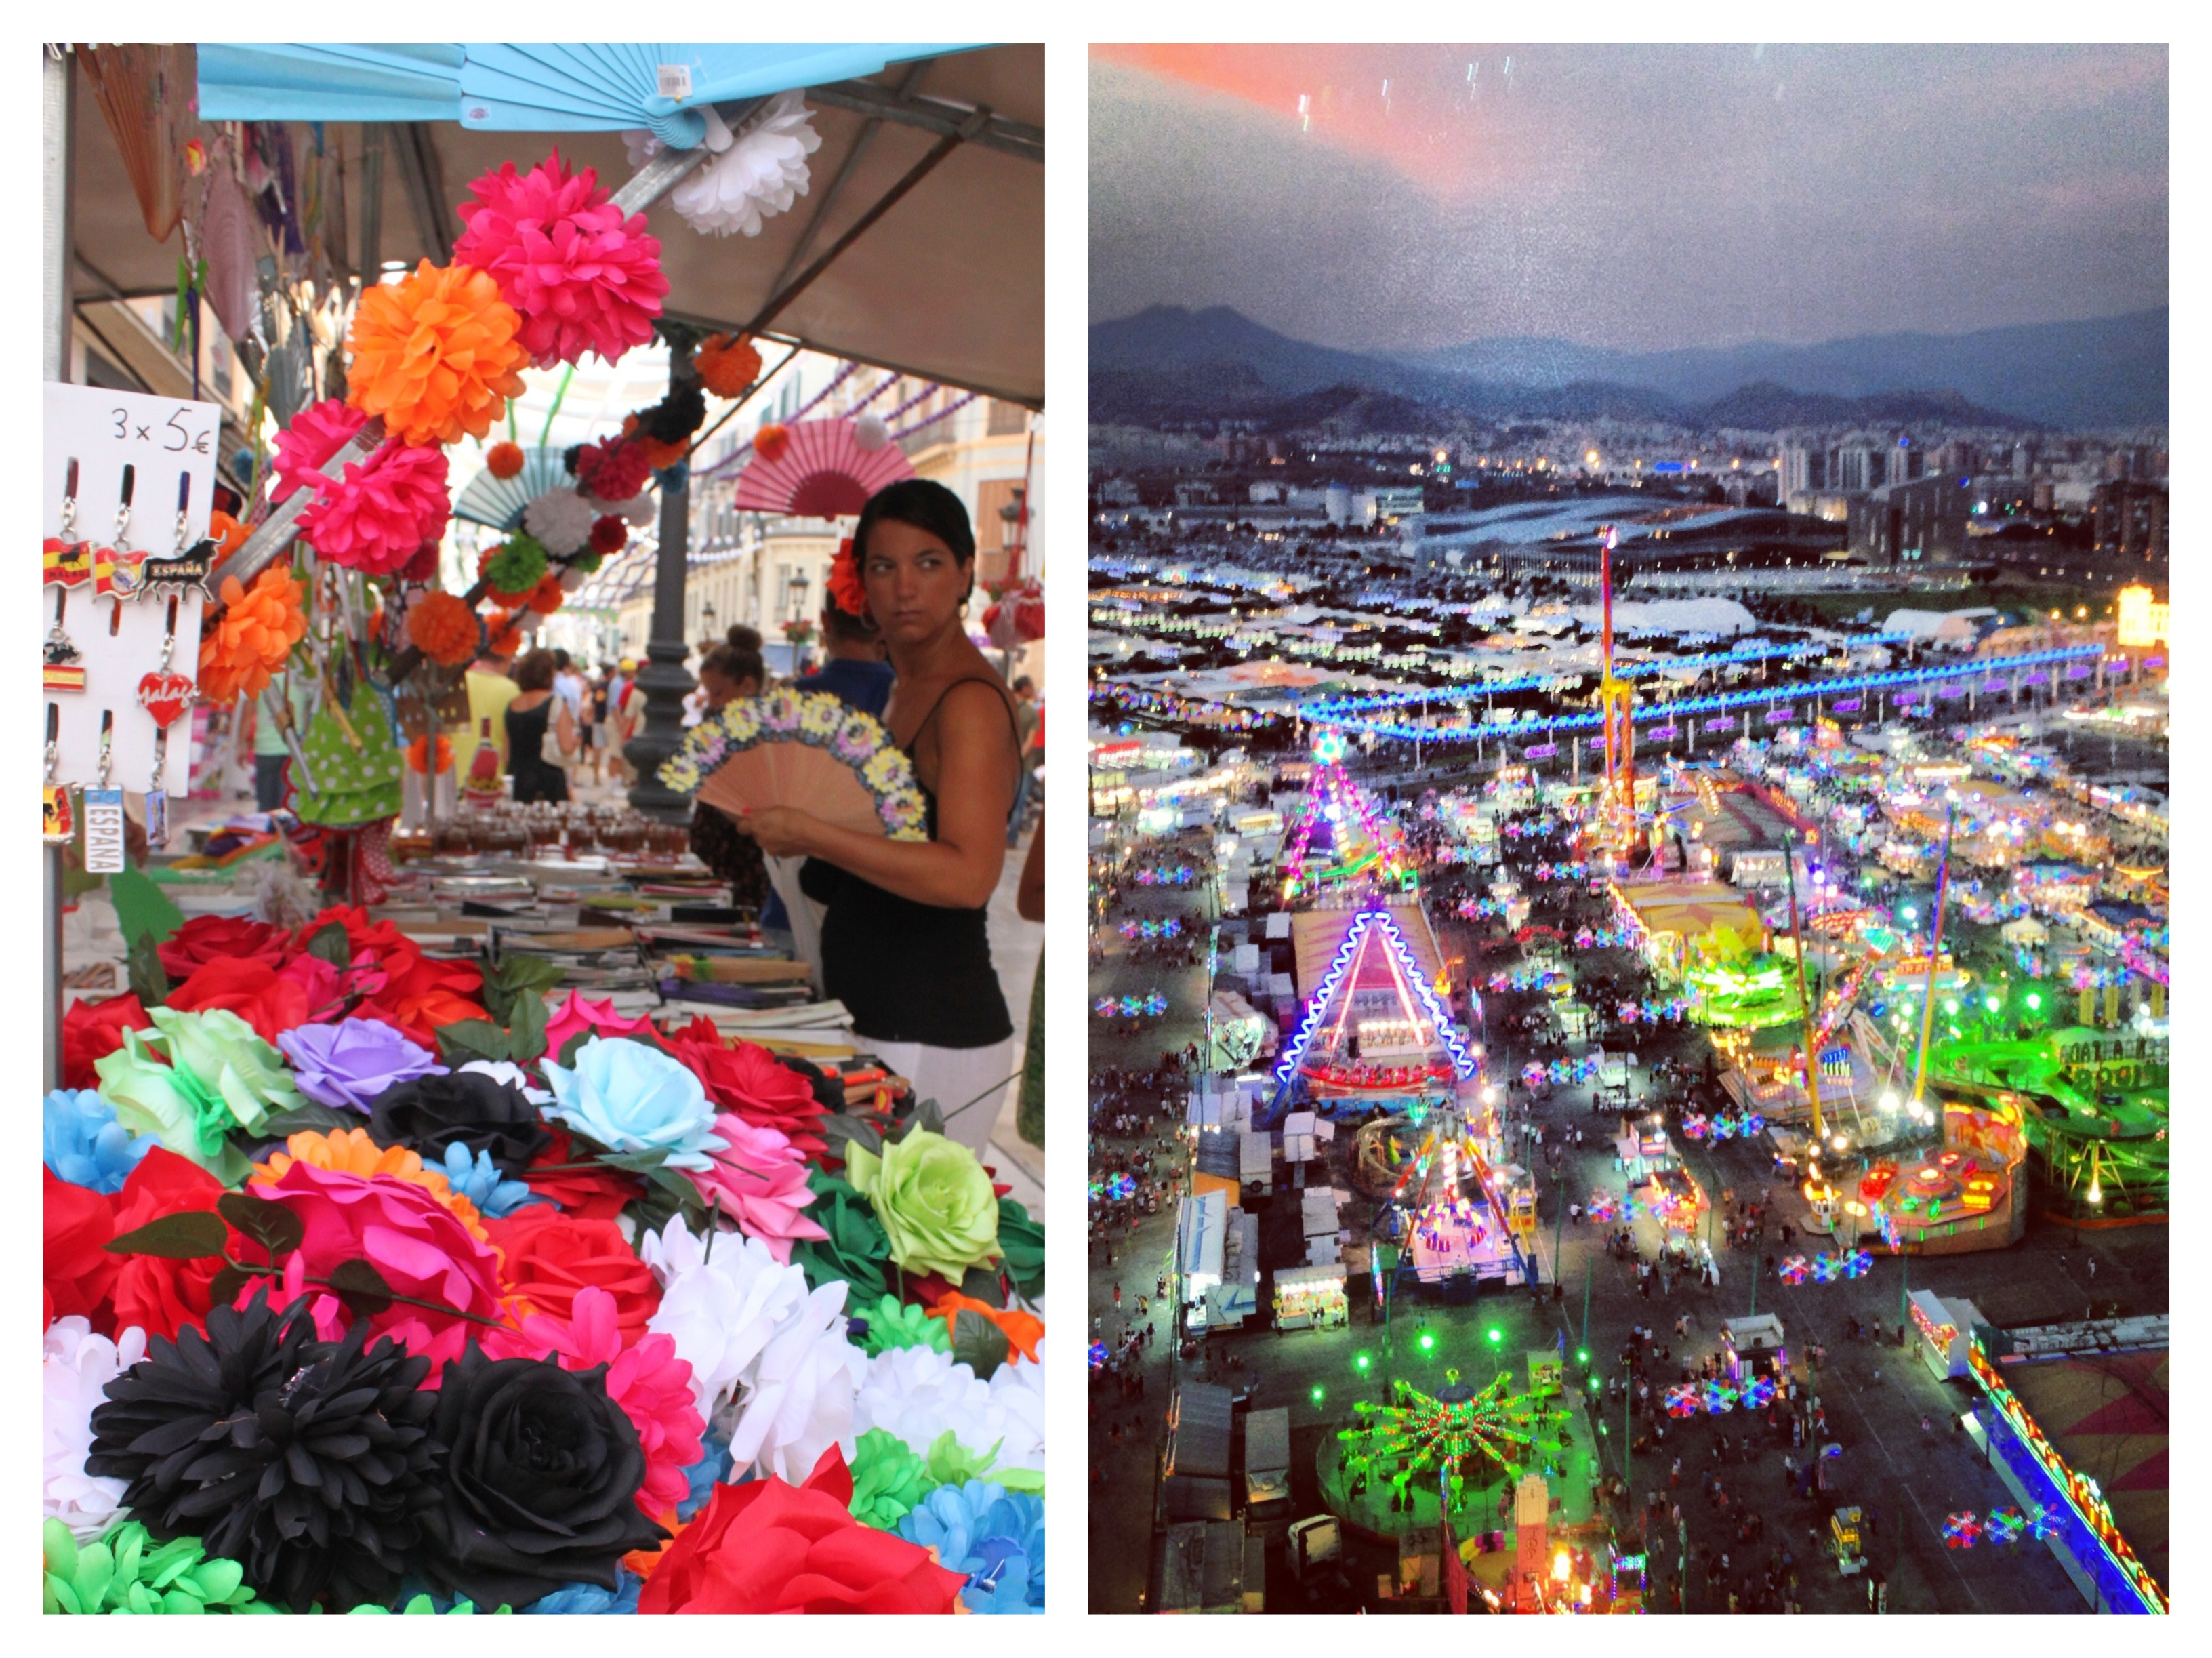 Feria del dia e feria de la noche - feria de malaga